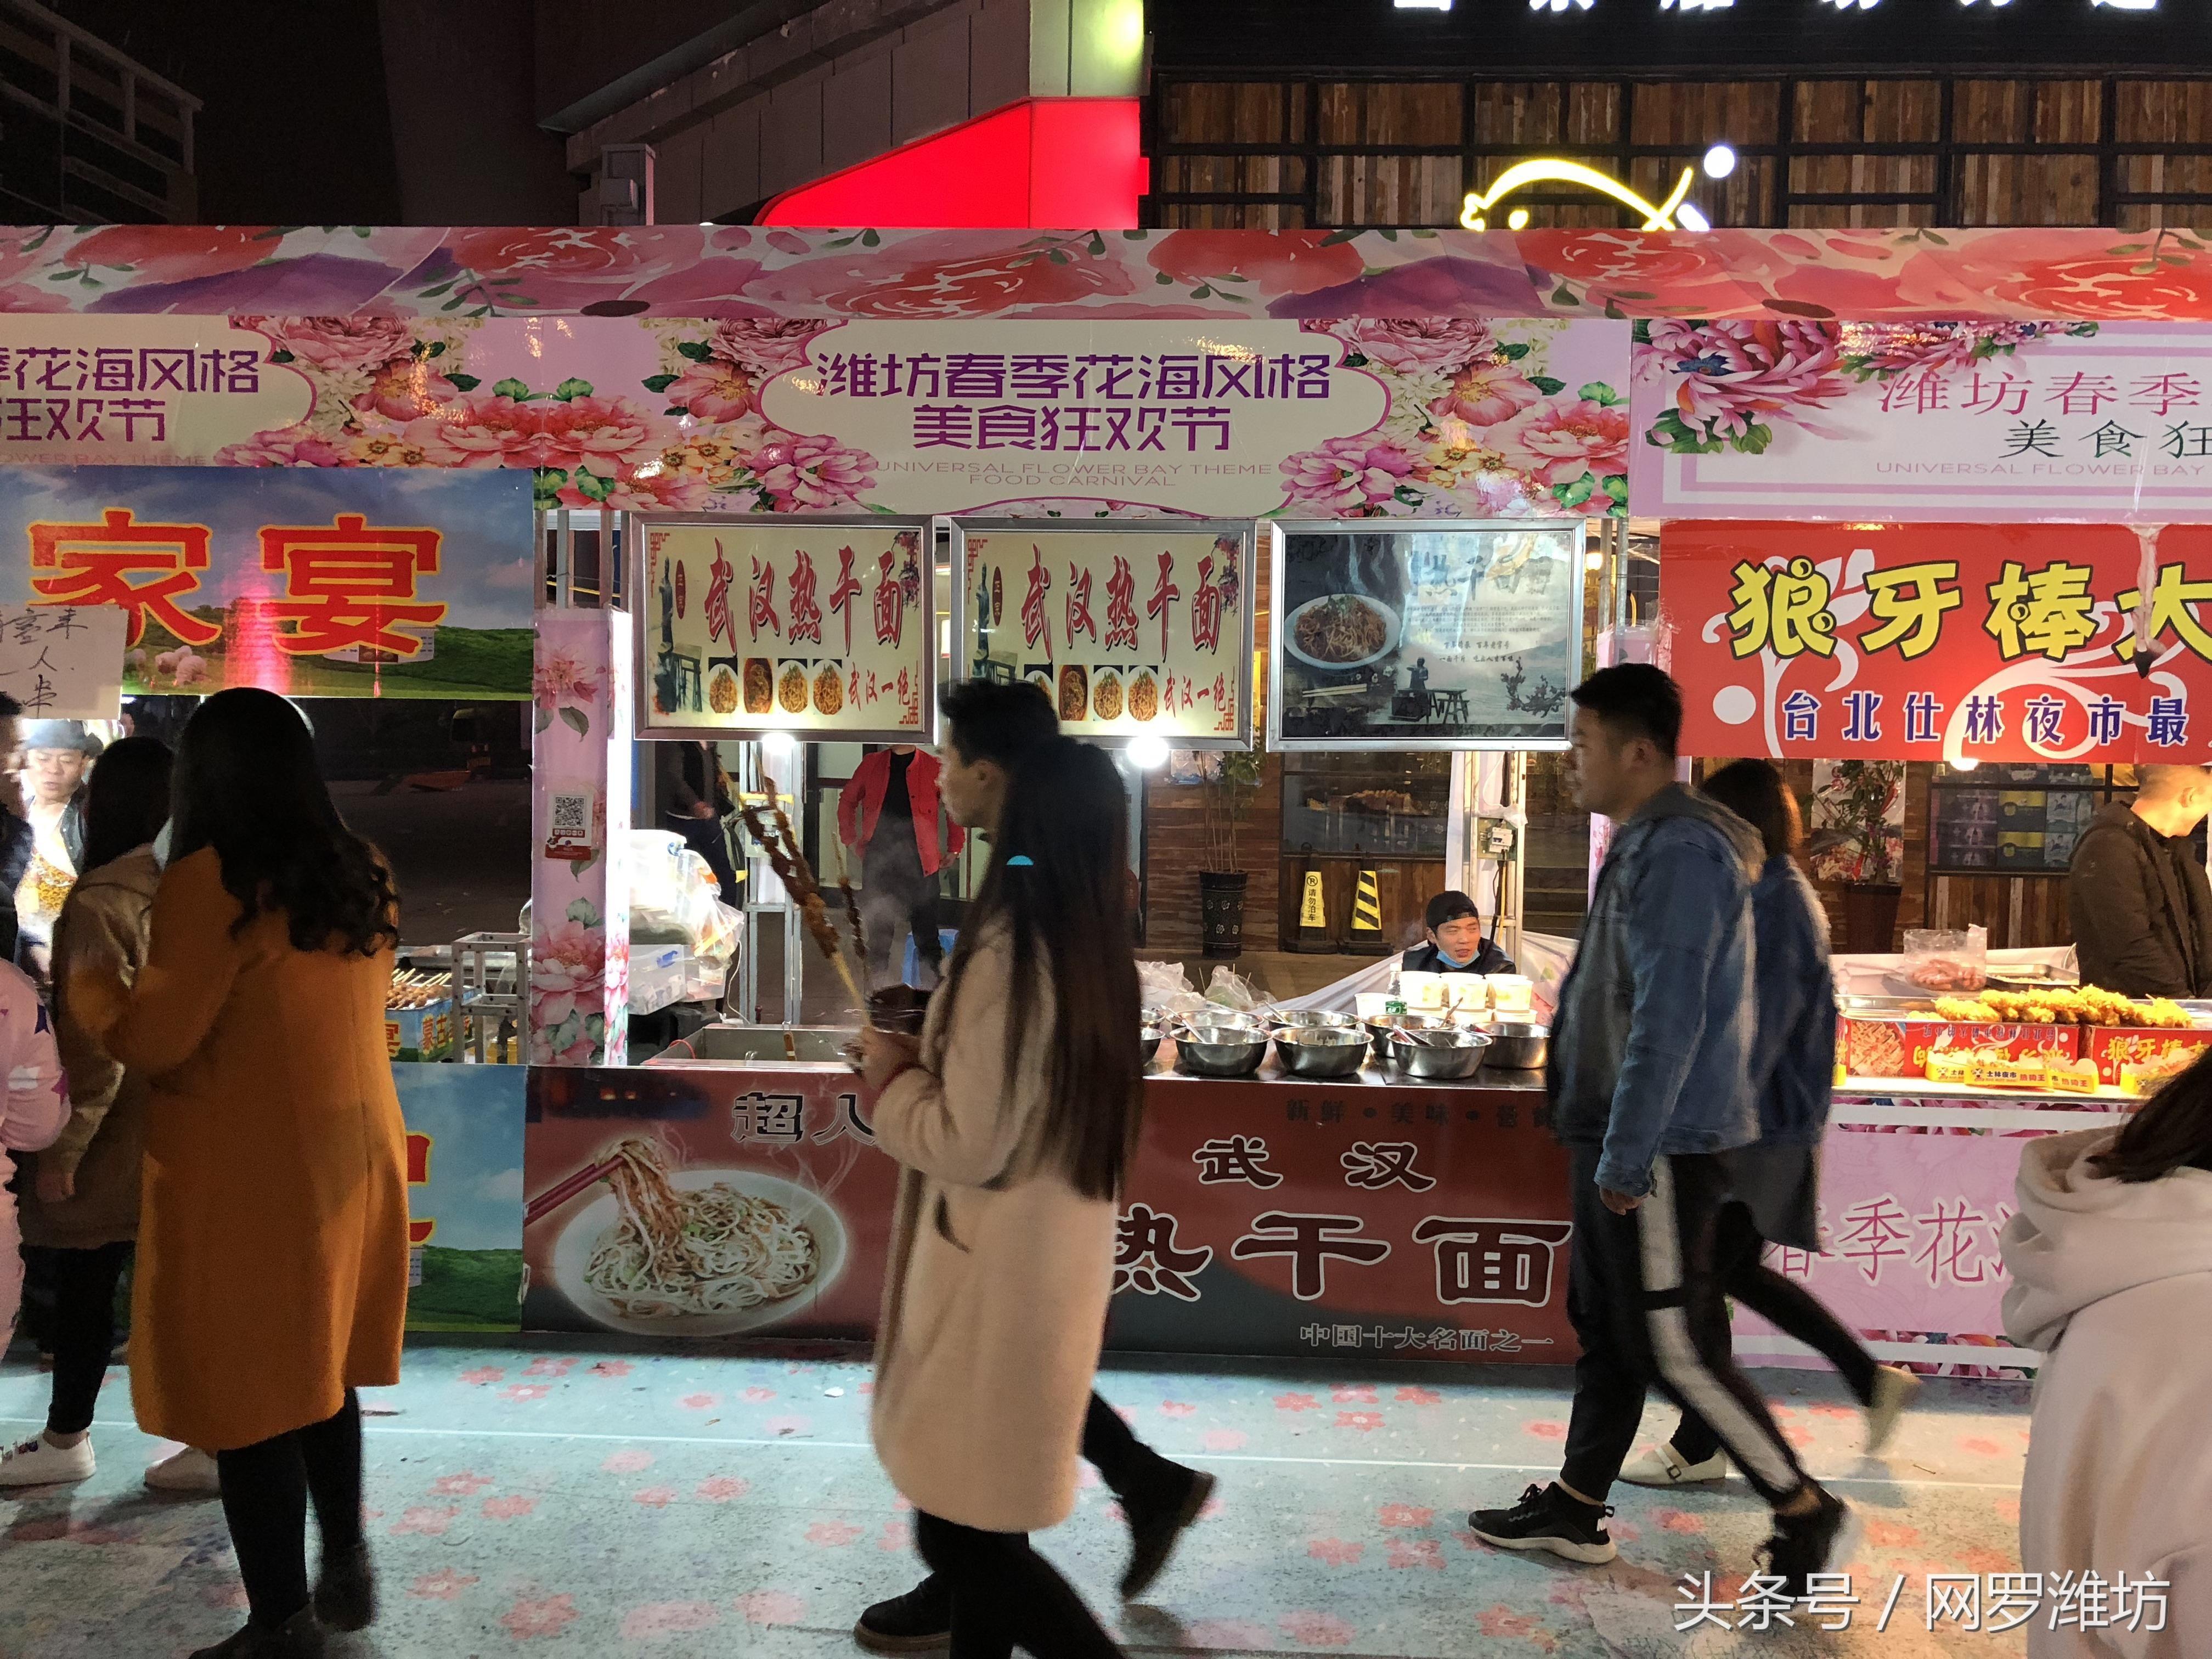 潍坊万达春季商业美食节--花海狂欢节夜晚现场美食城高铁美食图片